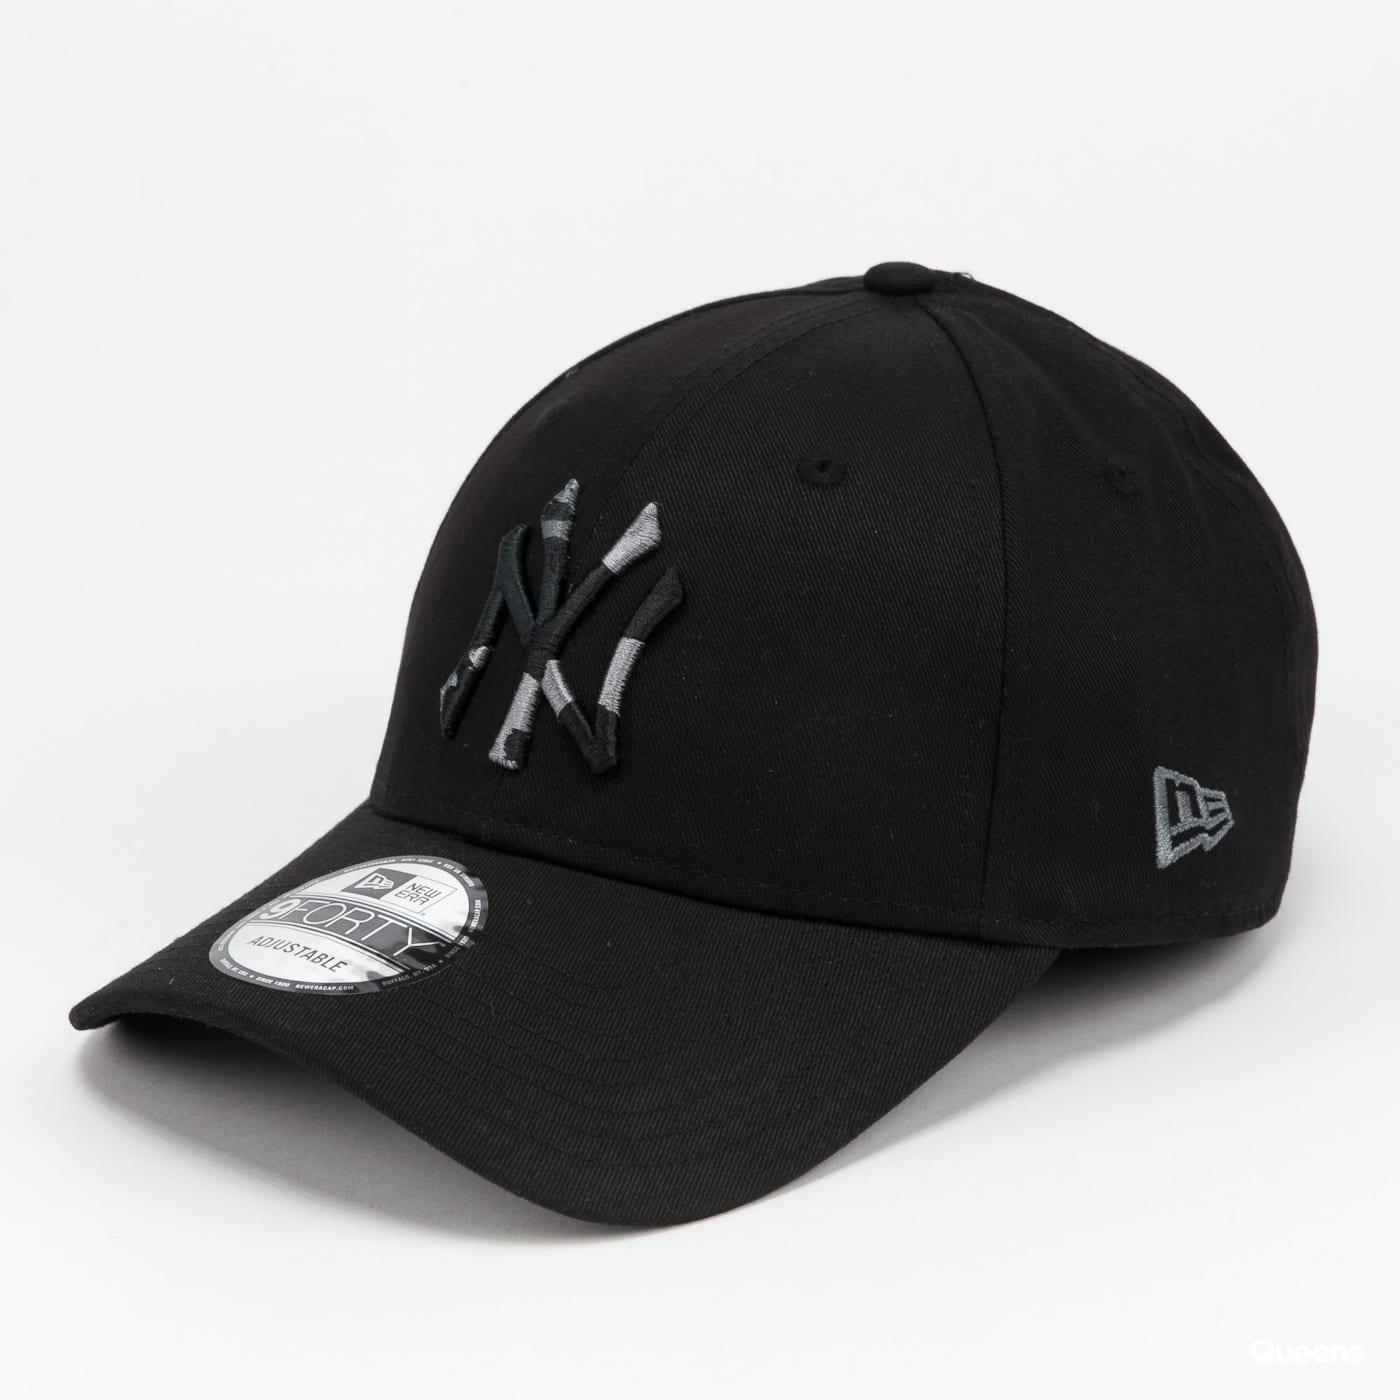 New Era 940 MLB Camo Infill NY black / camo gray